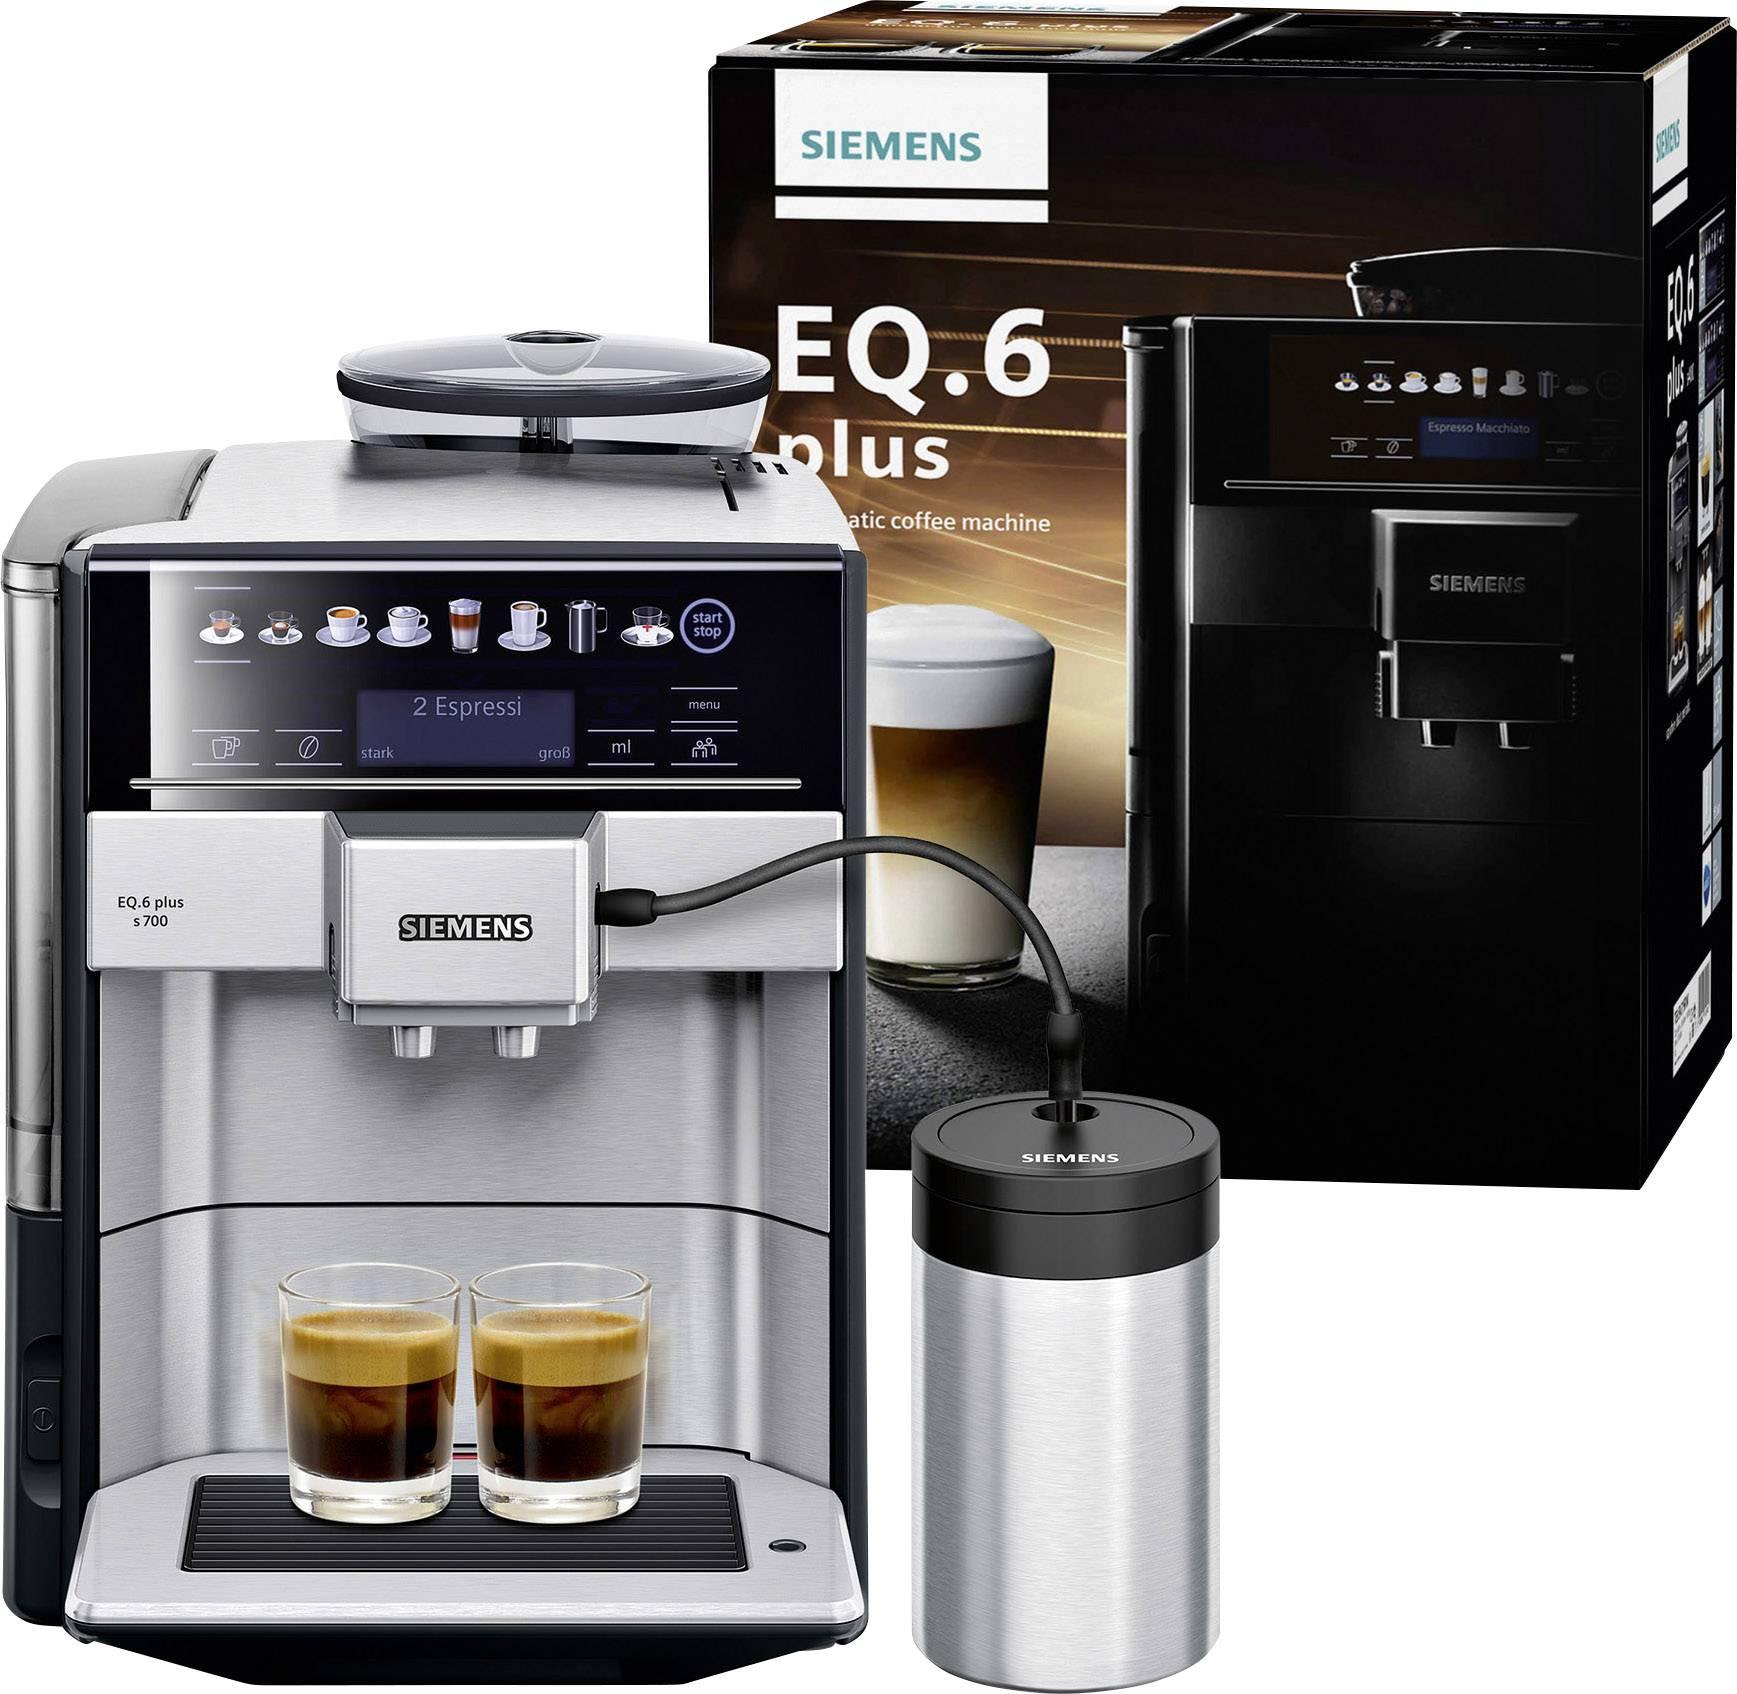 Siemens EQ 6 plus S700 TE657M03DE kavni avtomat legirano jeklo